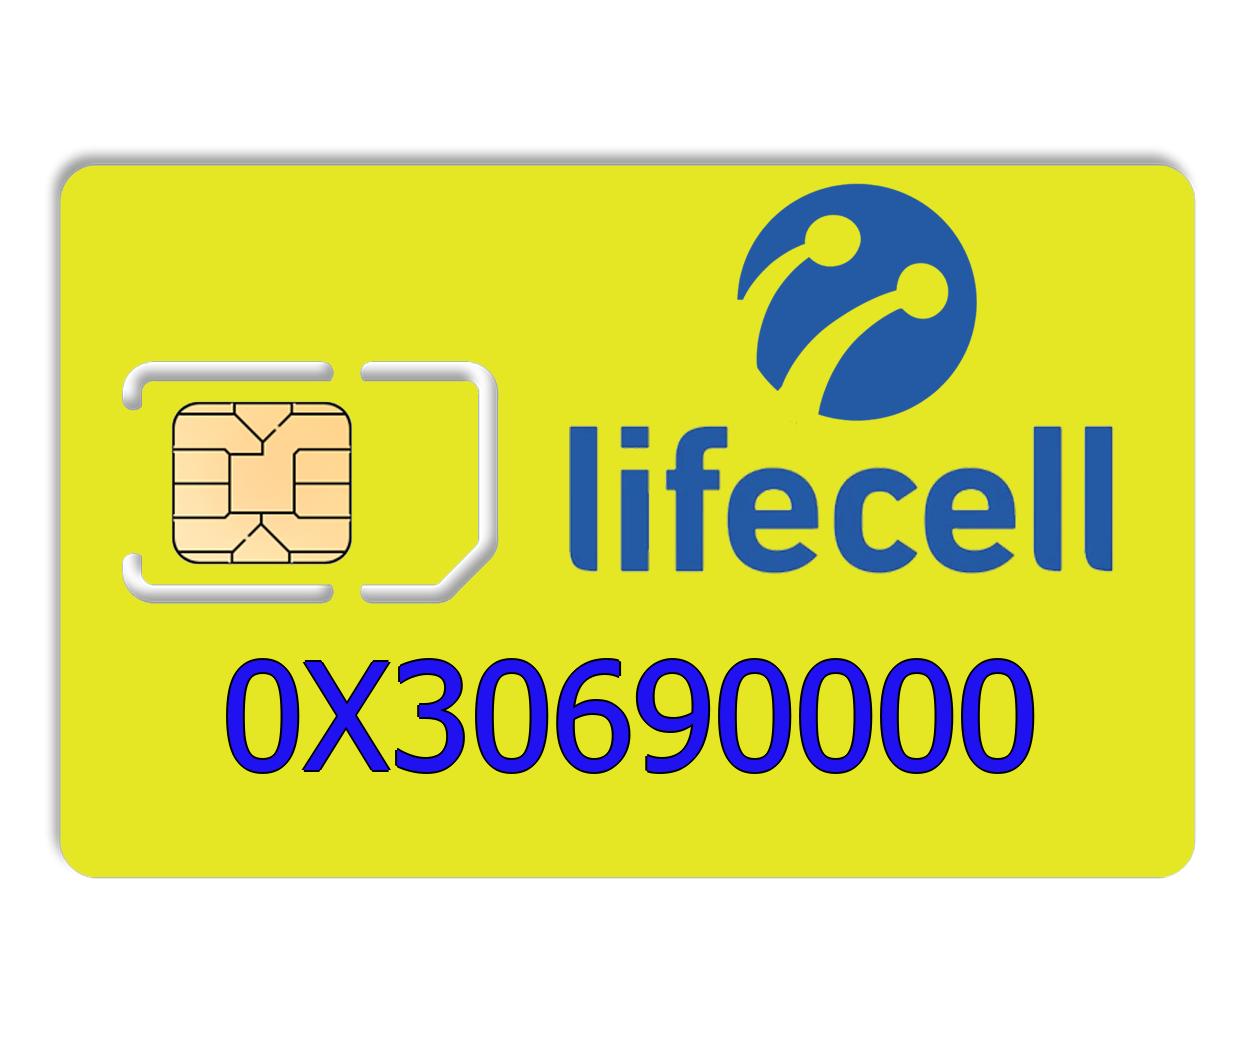 Красивый номер lifecell 0X30690000